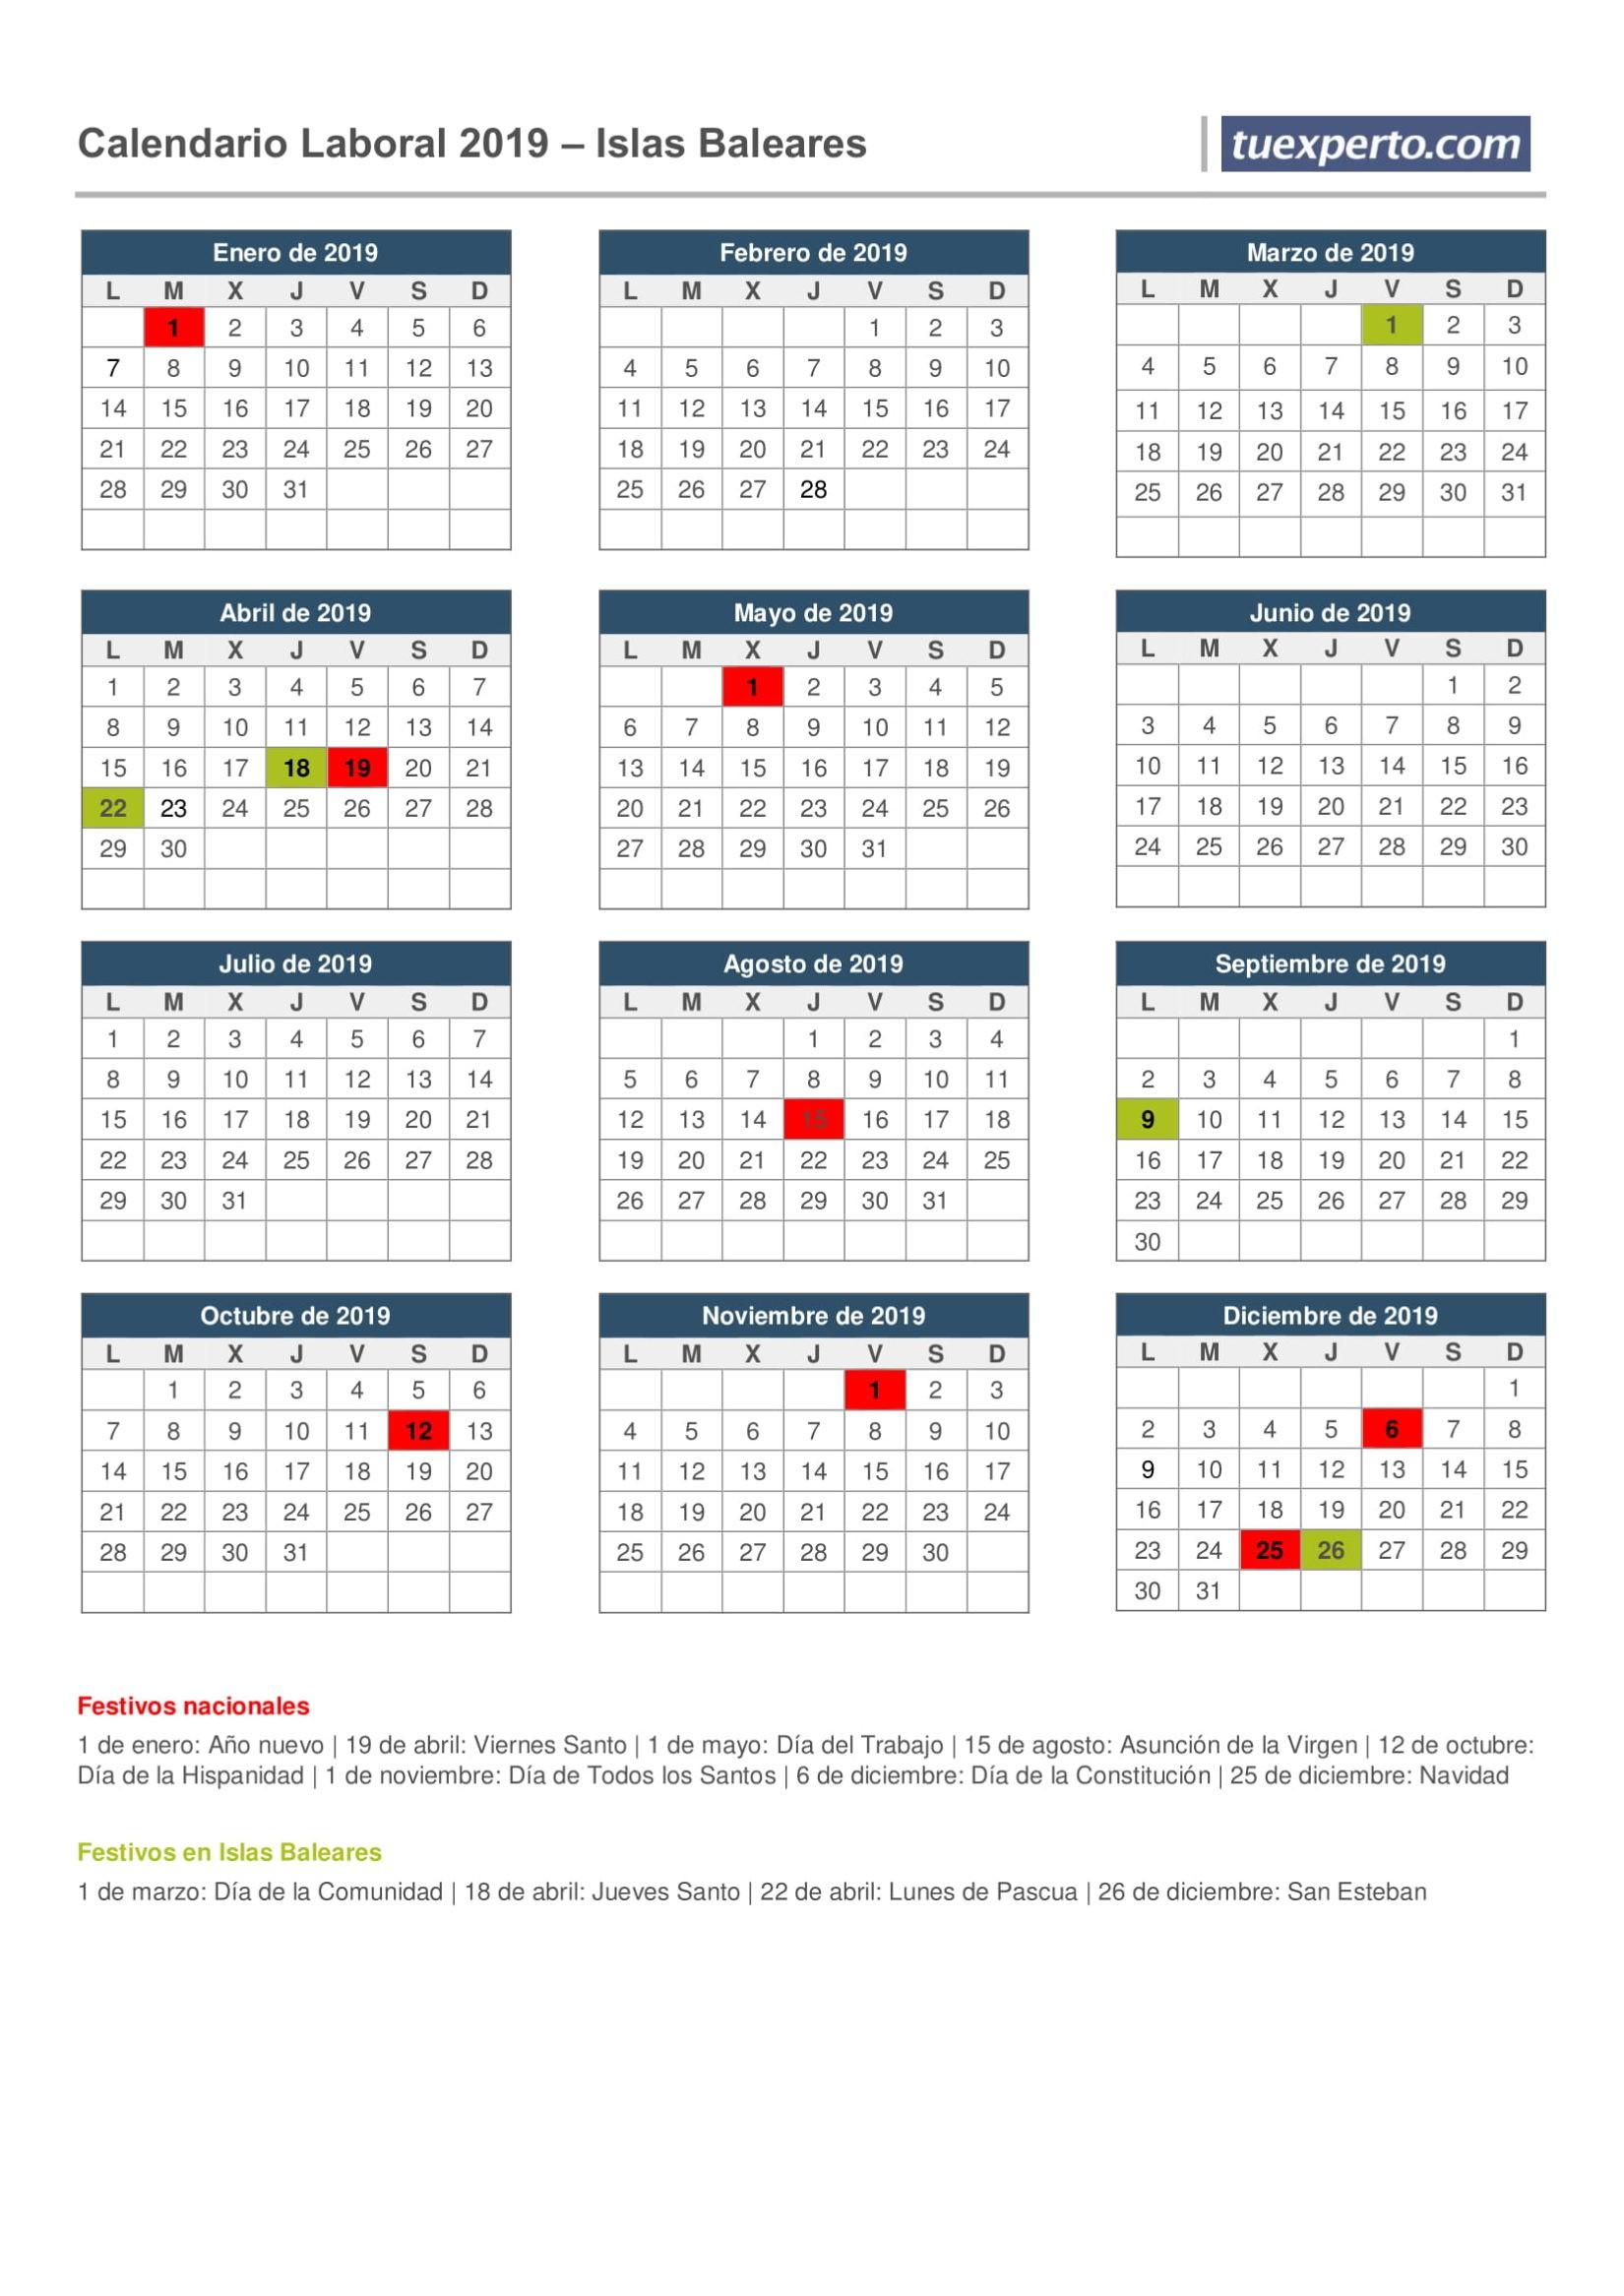 Calendario 2019 Chile Con Feriados Chile Más Arriba-a-fecha Calendario Abril Chile Con Notas 2019 Calendario Abril 2019 Of Calendario 2019 Chile Con Feriados Chile Más Recientes Calendrio Fevereiro De 2019 Lindo Para Imprimir Feriados E